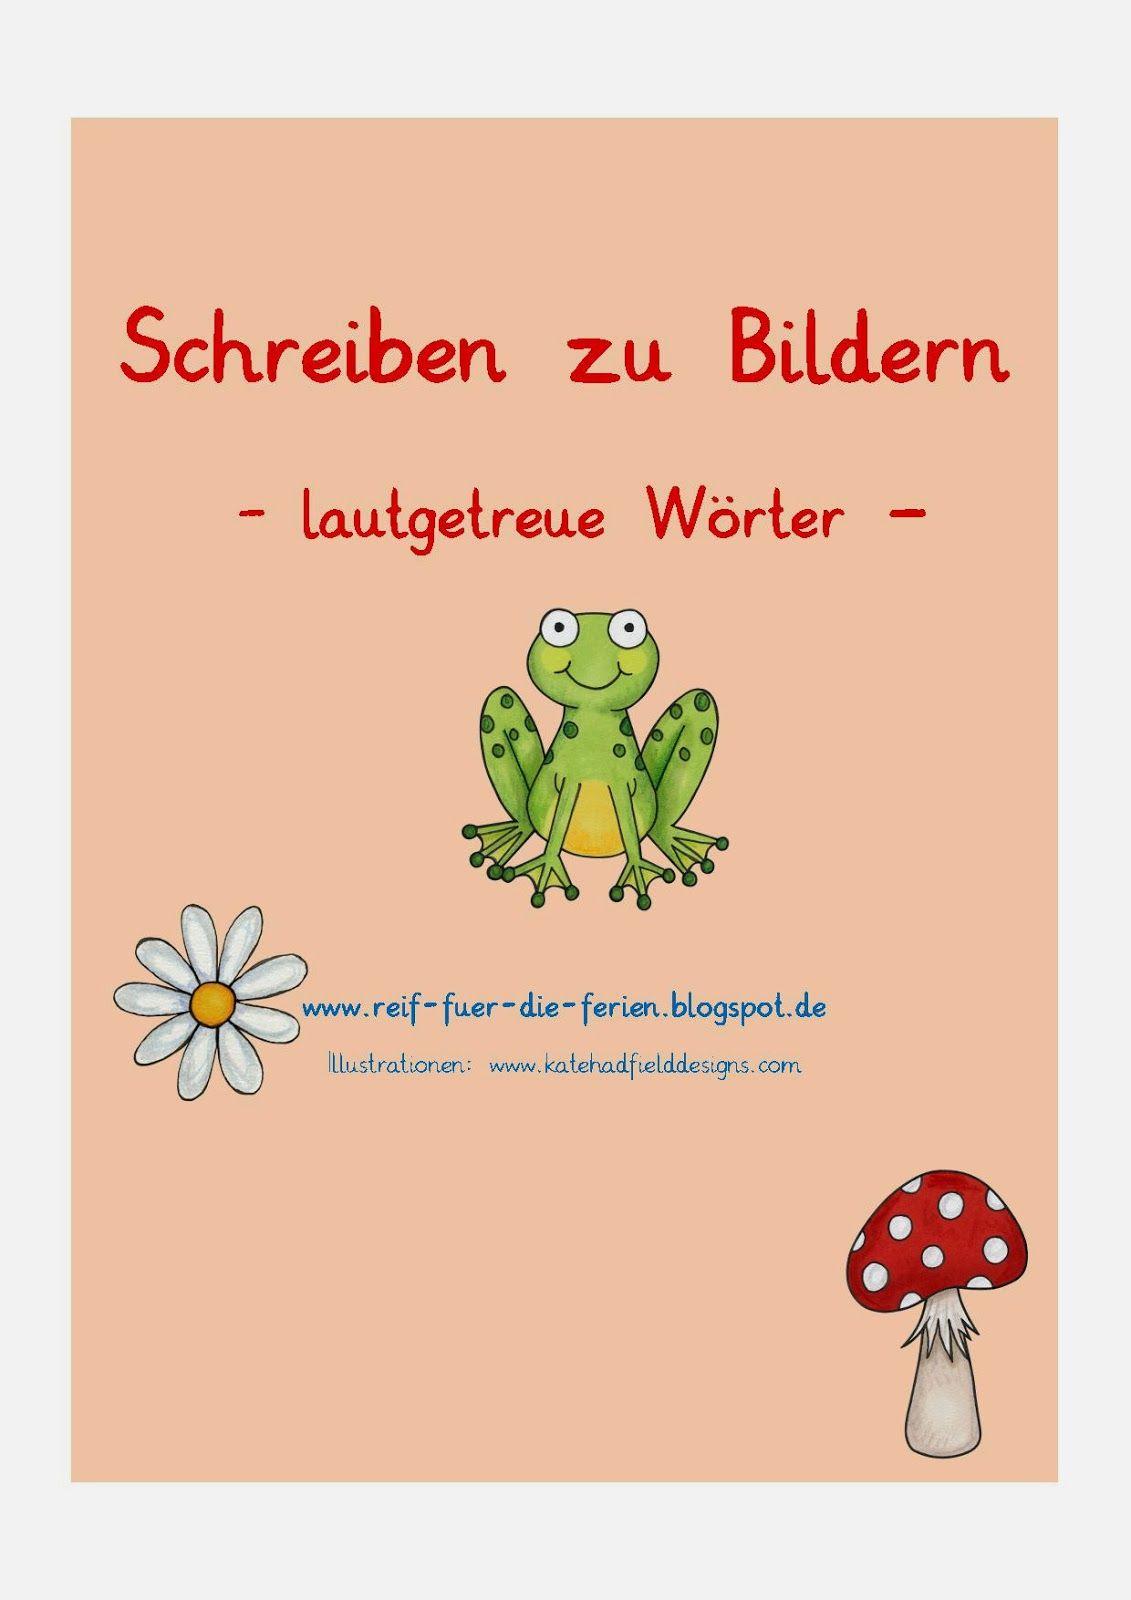 Schreiben zu Bildern - lautgetreue Wörter | Fuchsklasse Deutsch ...